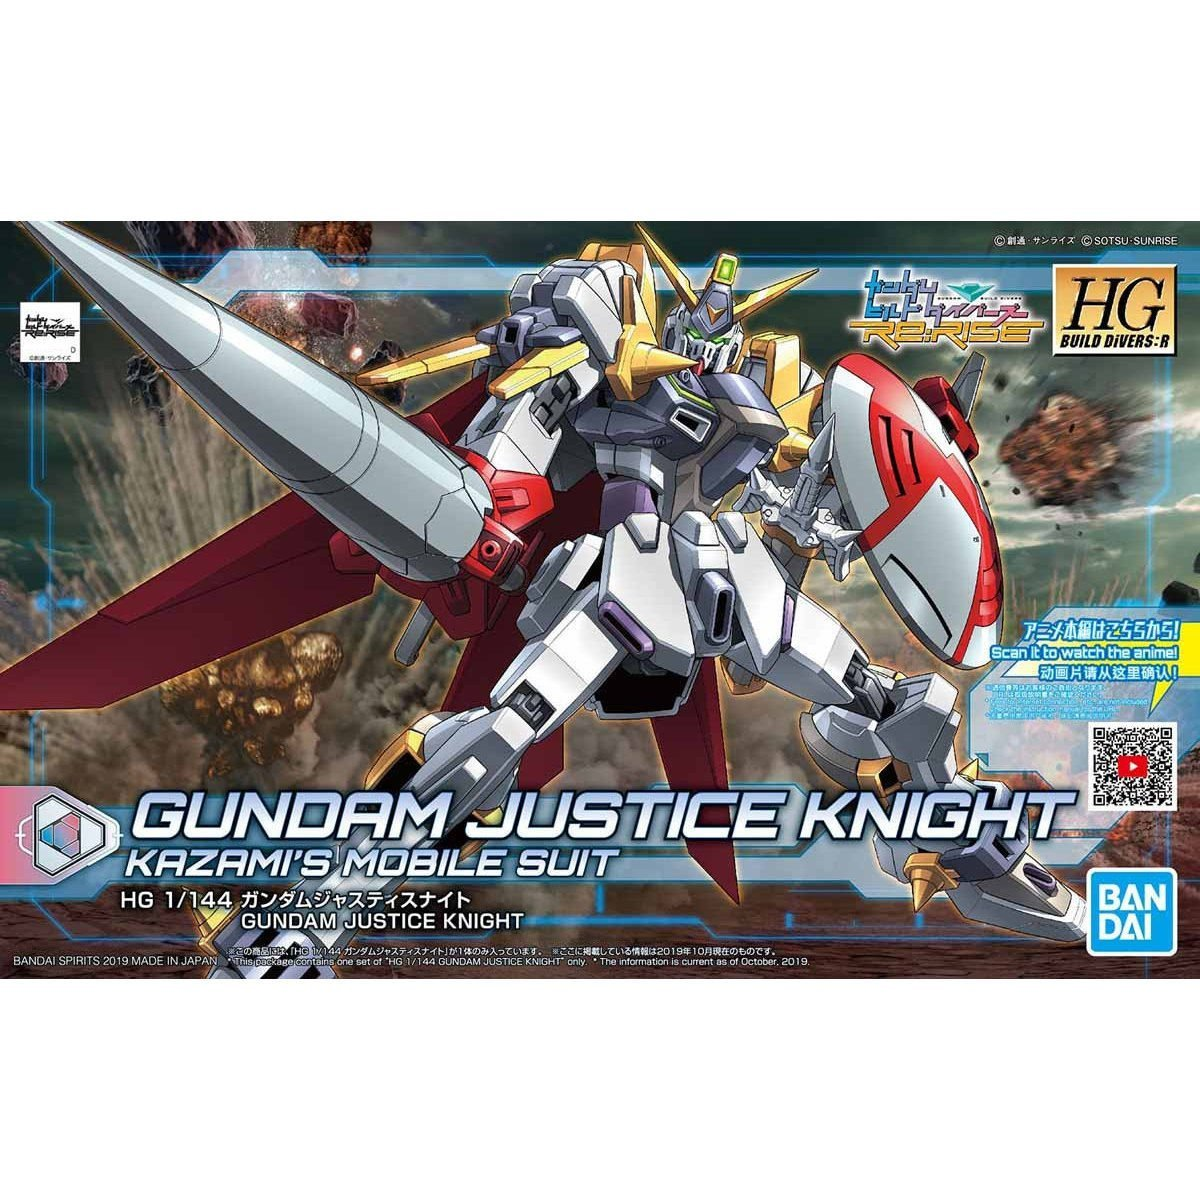 鋼彈gundam組合模型 HGBD:R 1/144 創鬥者潛網大戰Re:RISE #004 正義騎士鋼彈